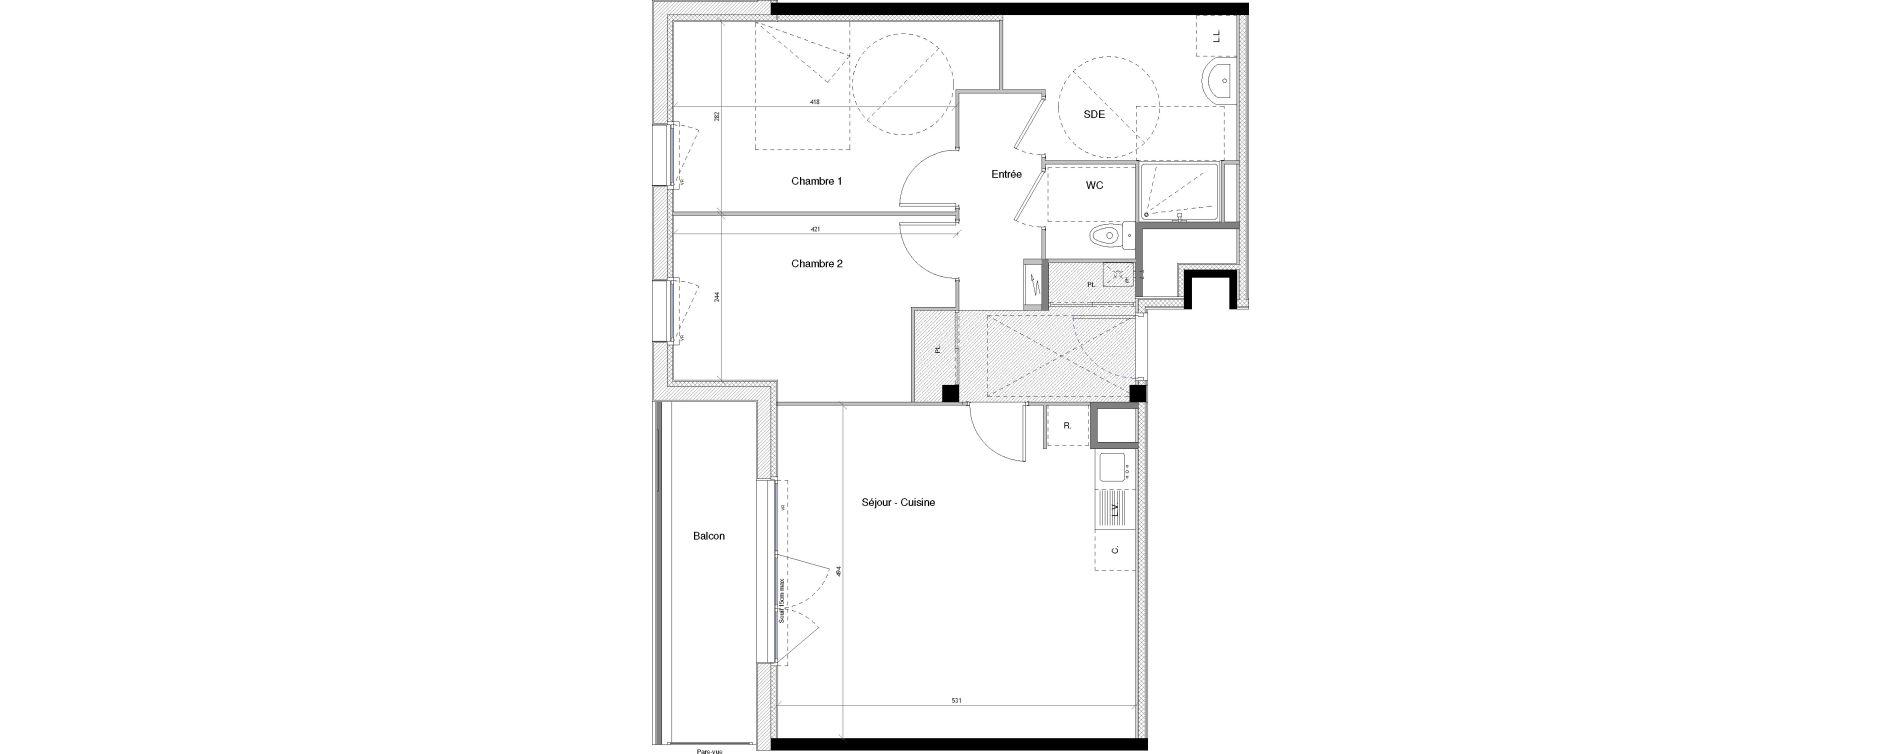 Appartement T3 de 67,19 m2 à Vannes Nord - gare